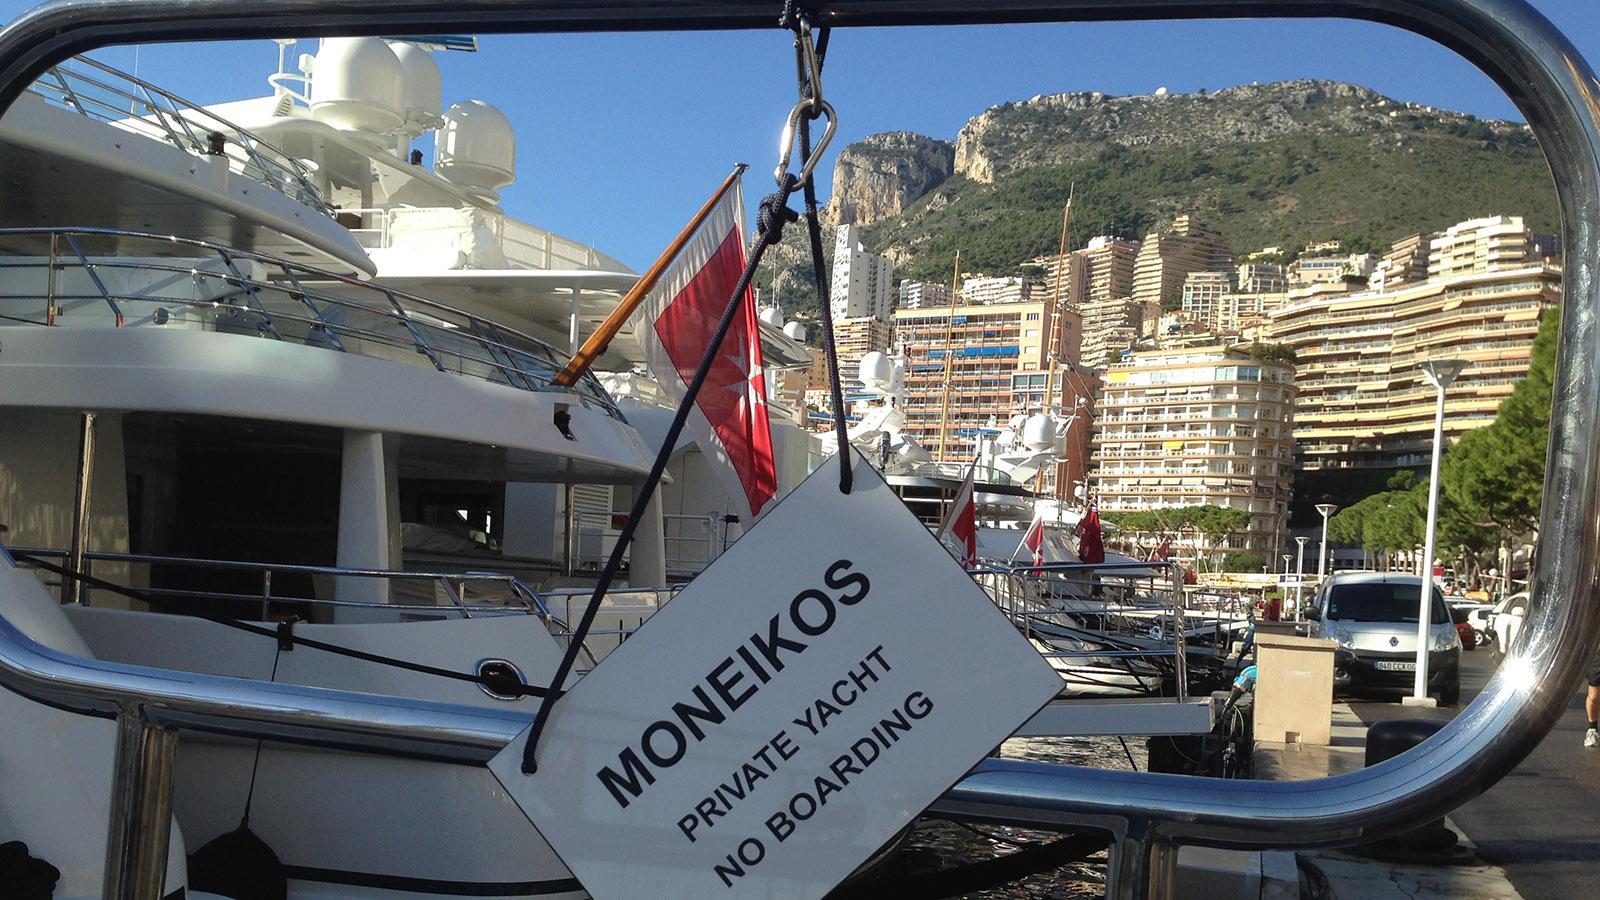 Kein Zutritt! Solche Schilder haben die Jachtbesitzer im Hafen von Monte-Carlo fast immer an die Gangway gehängt. Foto: Hilke Maunder